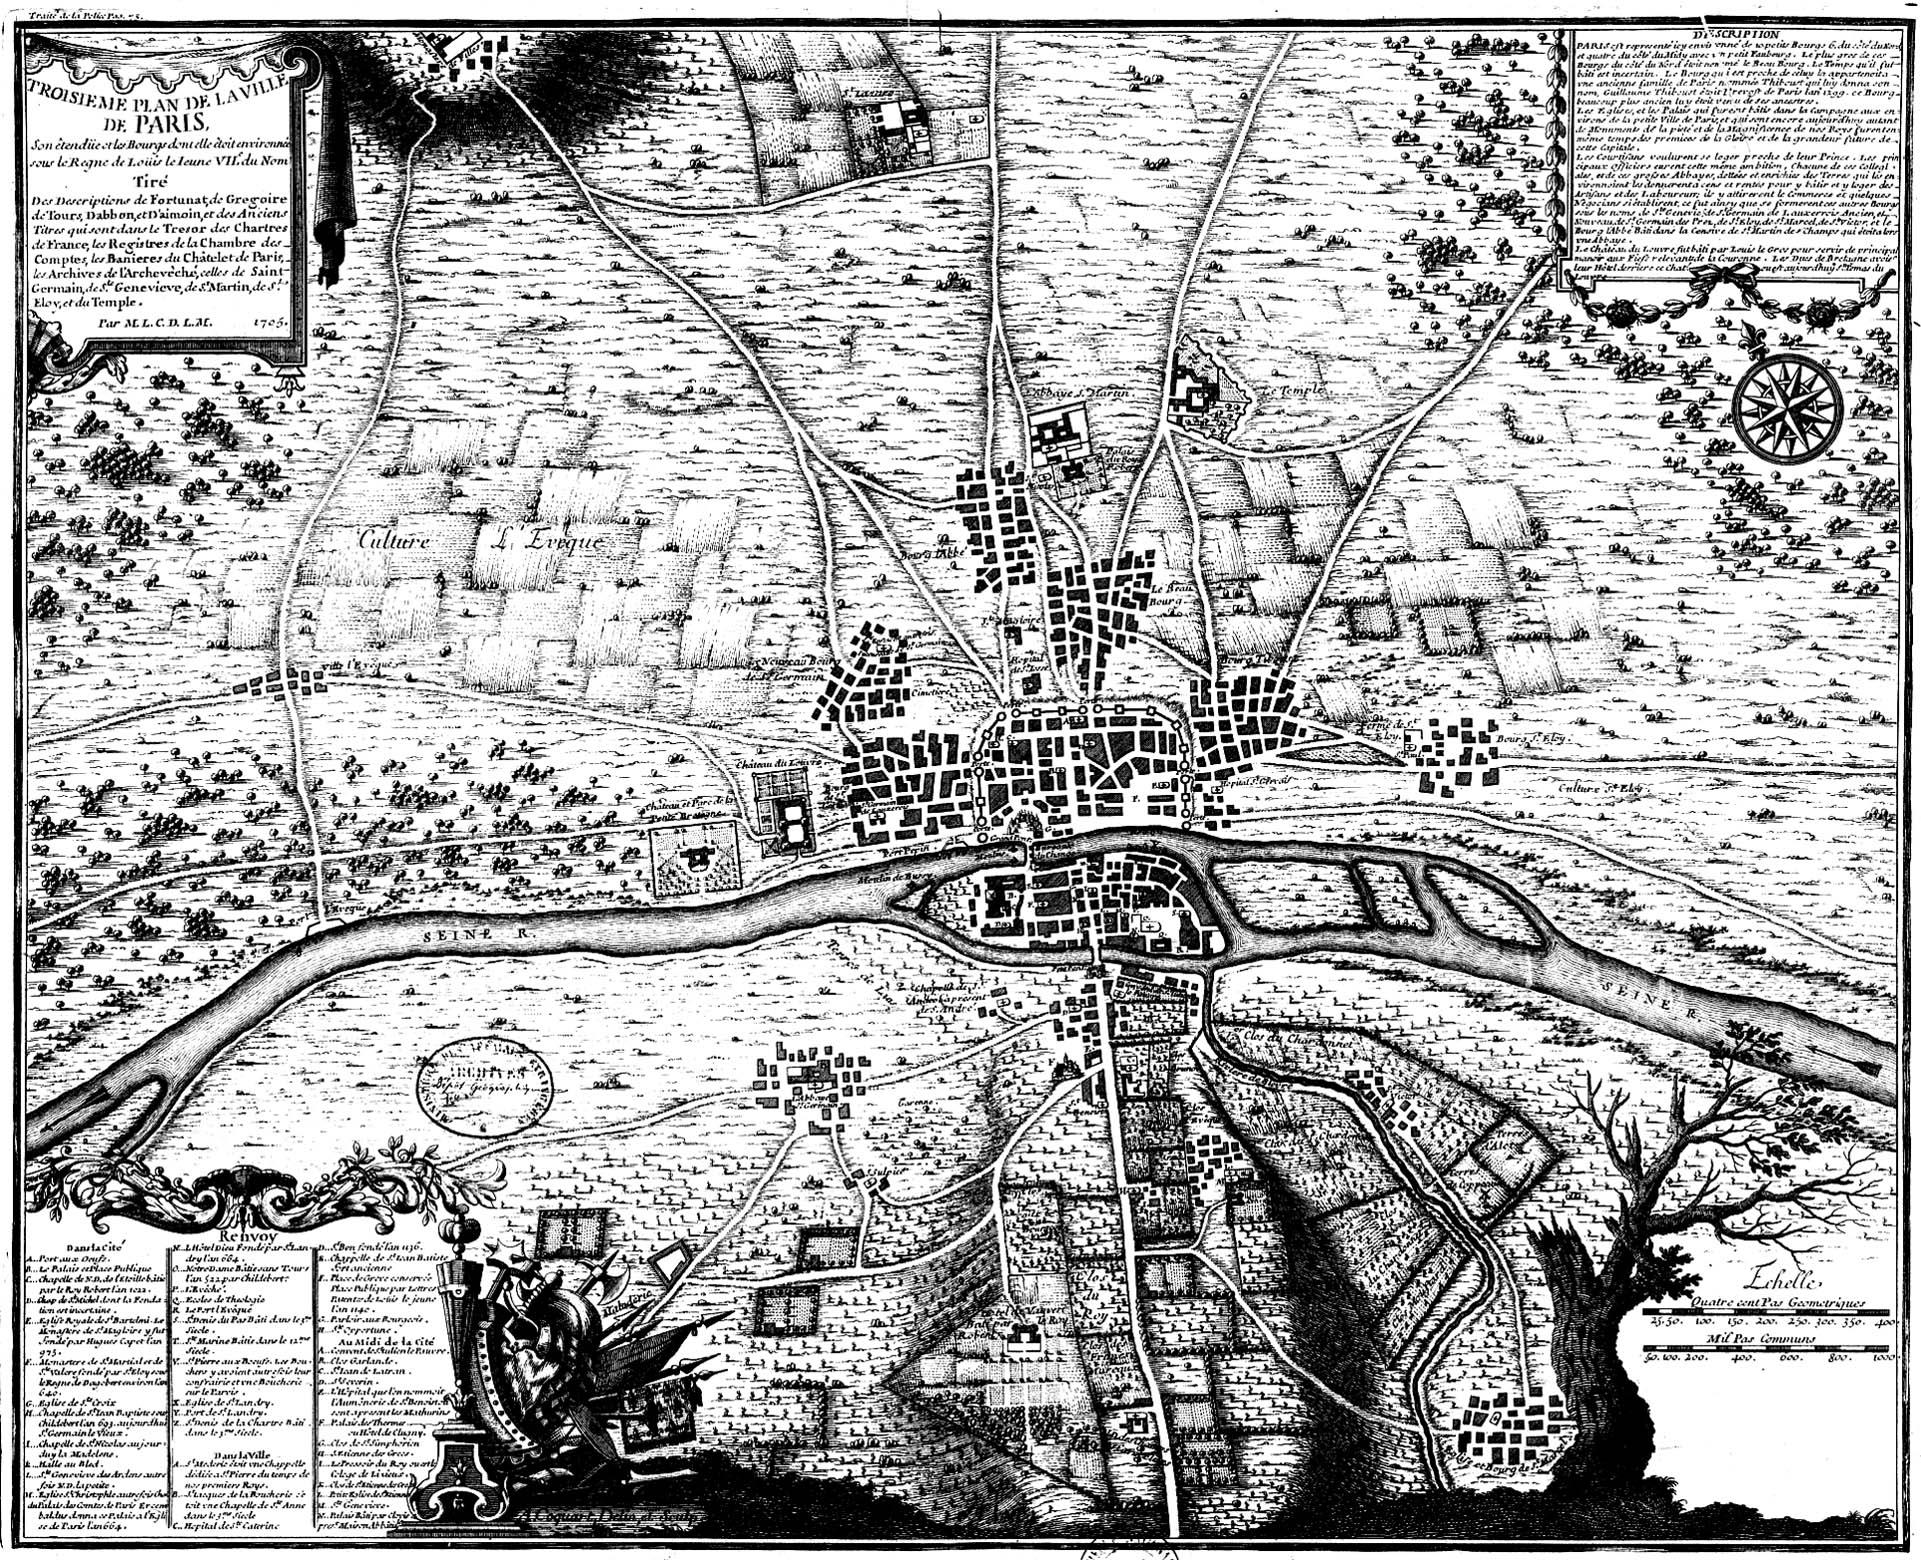 Impressionnant ... Ce plan datant de 1180 est bien un plan de la ville de Paris ! | A partir de la galerie : Paris